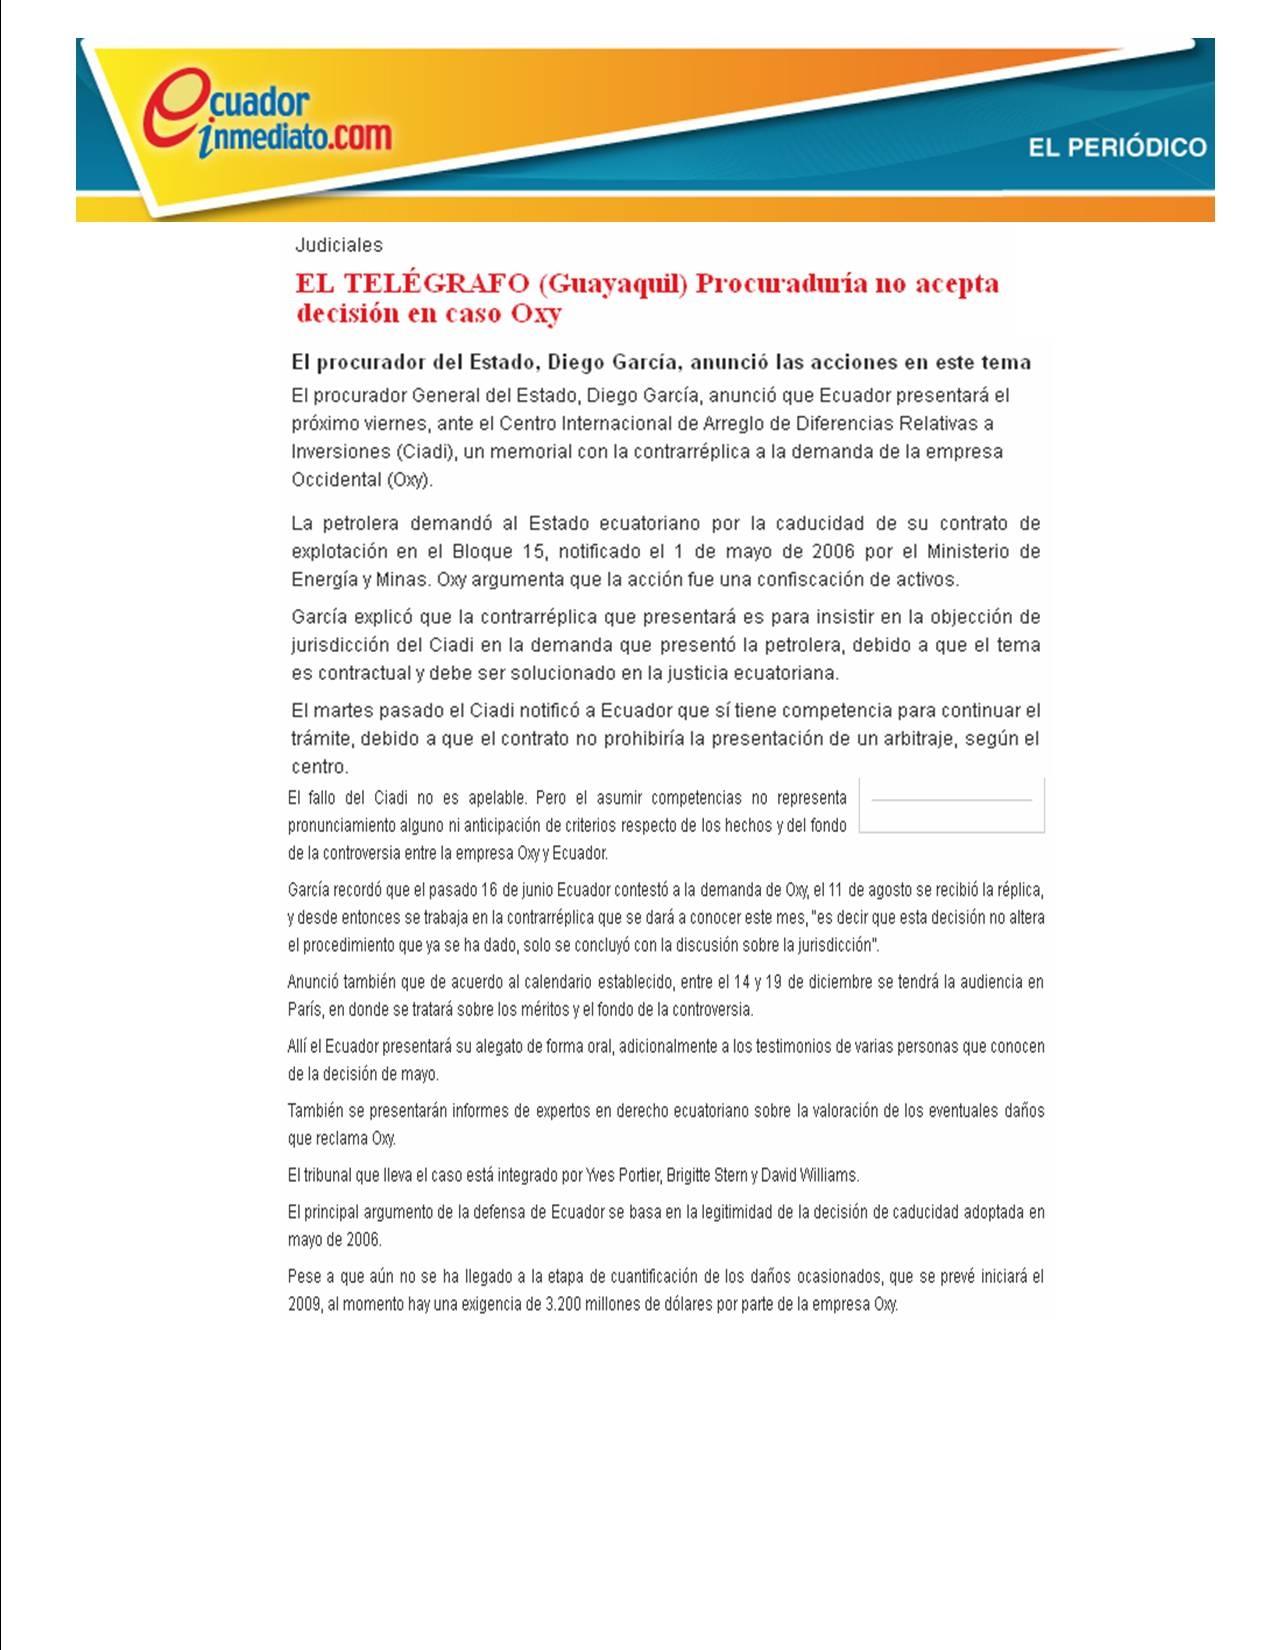 2-2008-09-11 Ecuadorinmediato